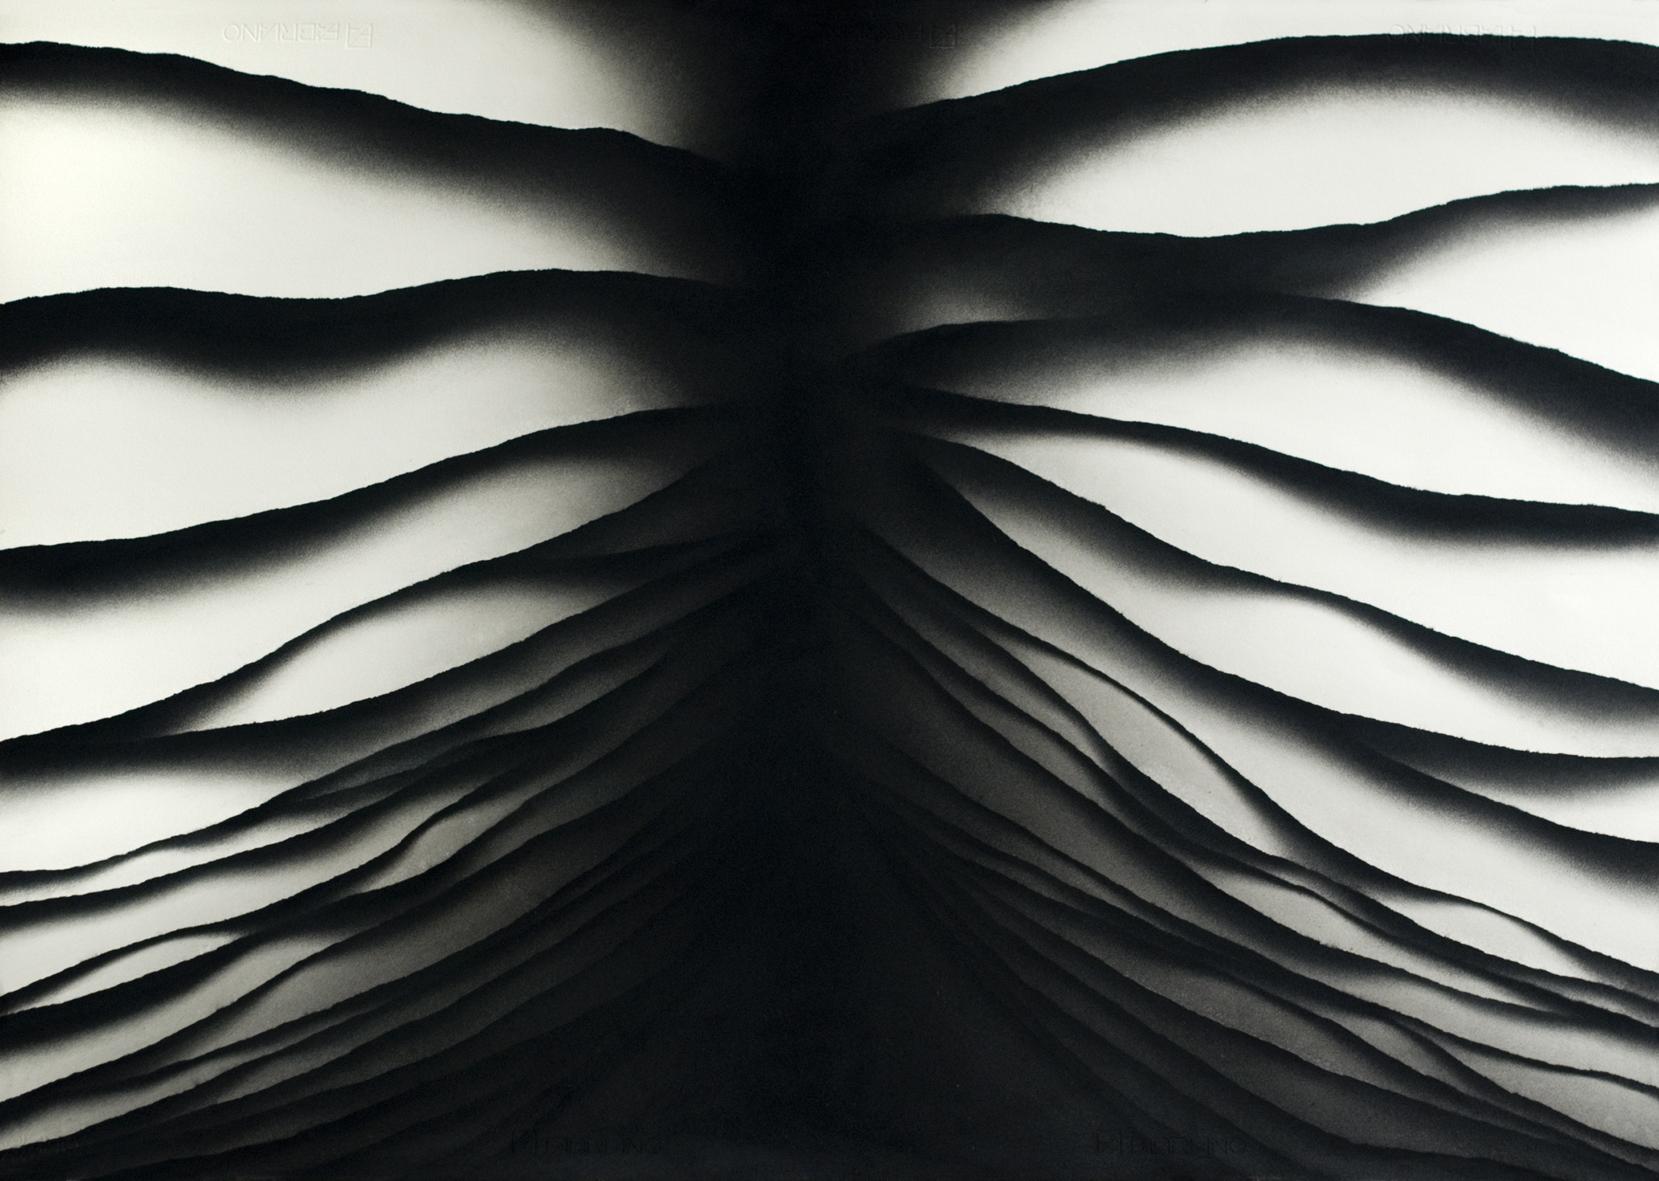 Aus unserem Webshop: Kunstwerk der Woche #3: Jarek Grulkowski, cross ...